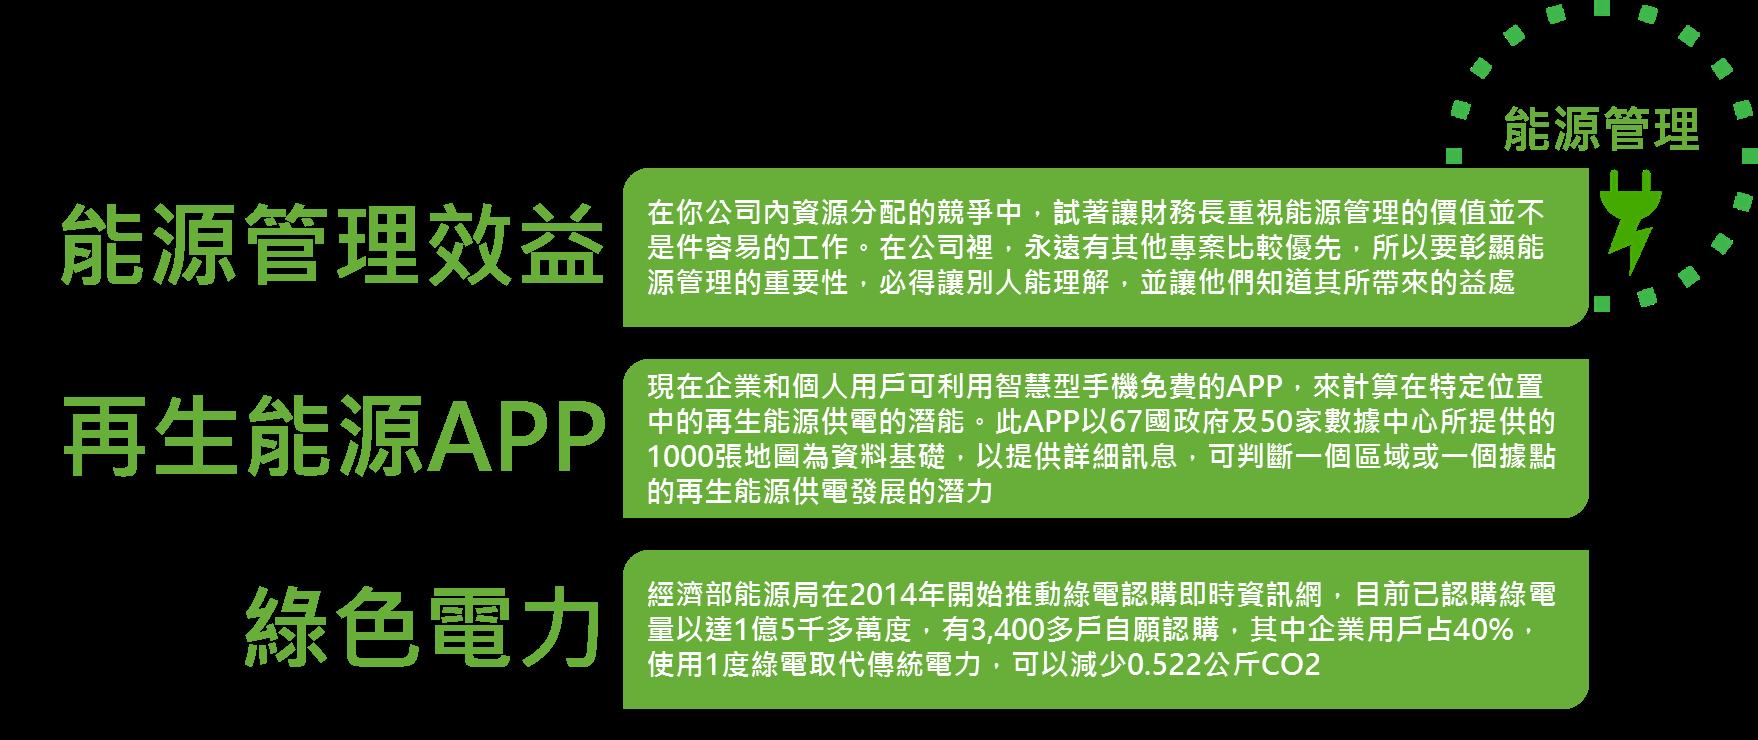 2015年精選專題回顧  - 能源管理 - CSRone